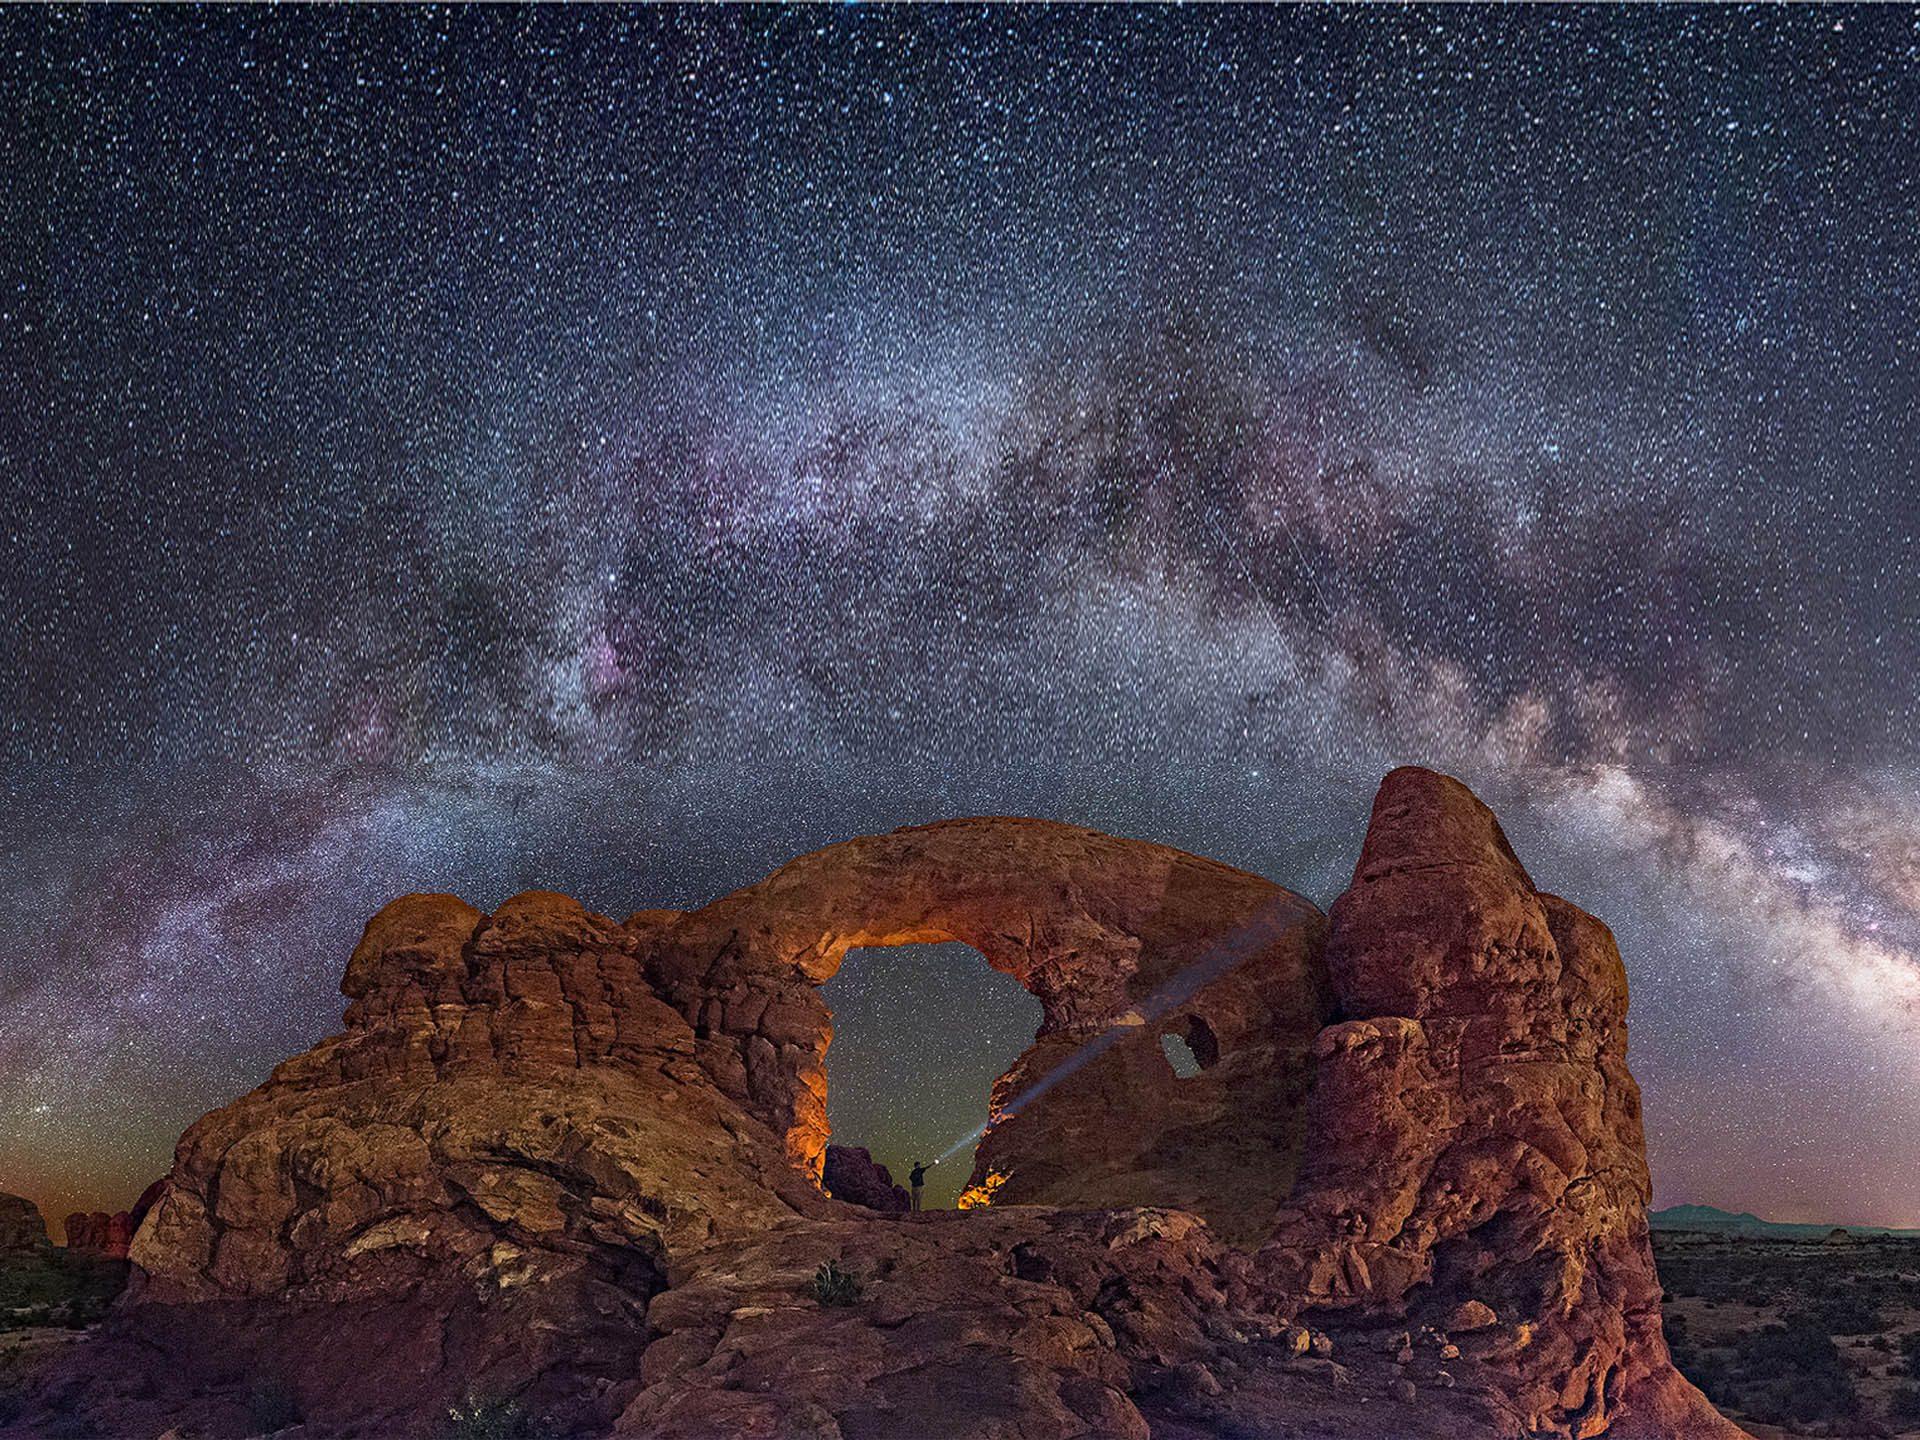 Star Sky Capitol Reef National Park Utah Wallpaper Download Hd 1920x1440